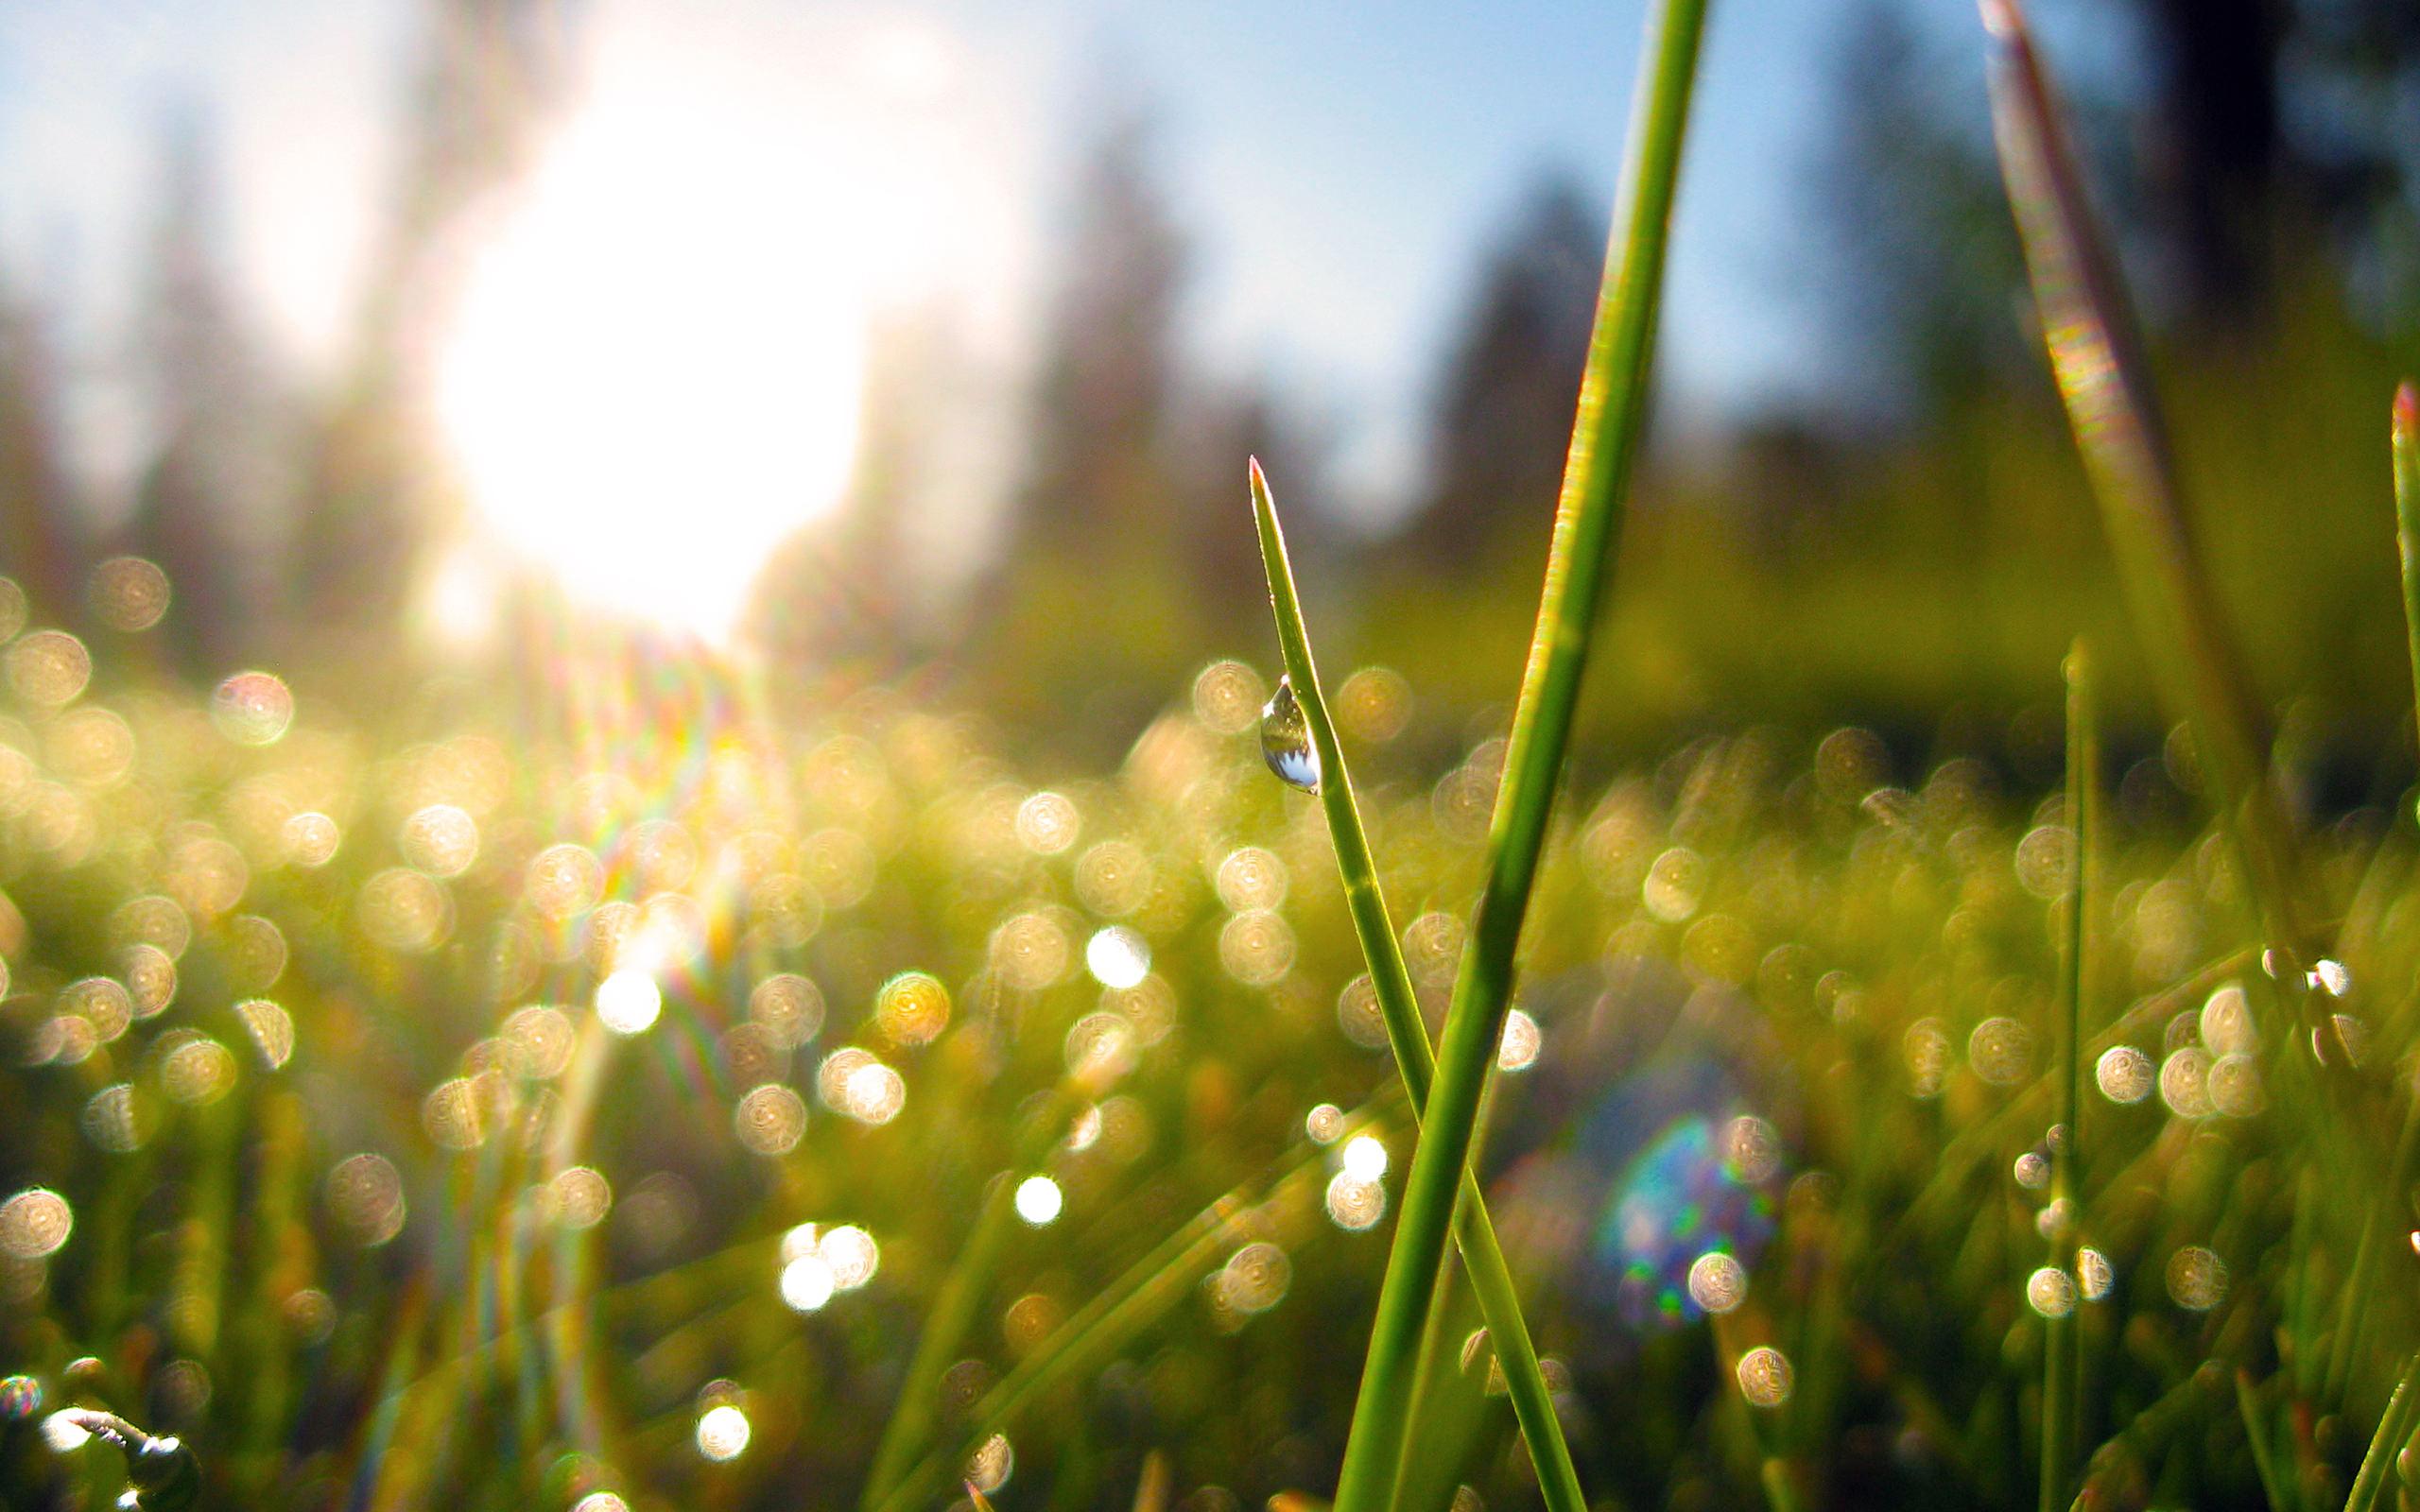 Весеннее утро капельки росы на траве